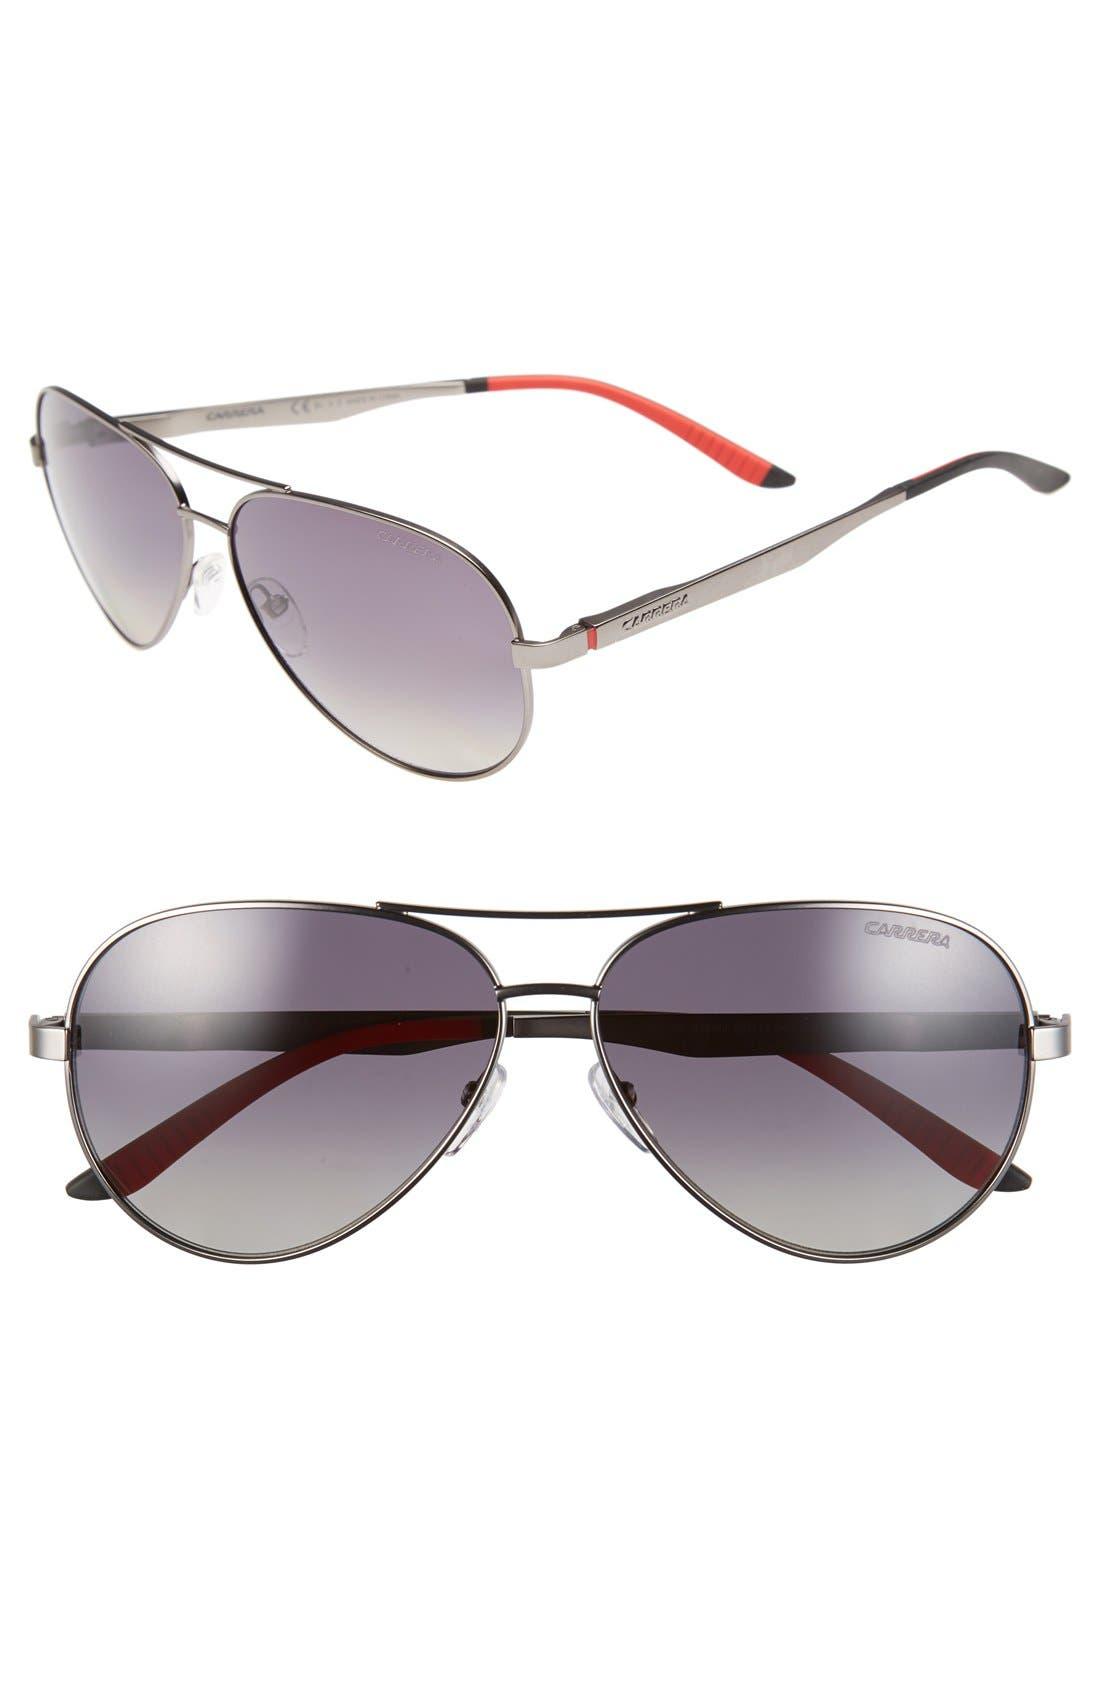 59mm Metal Aviator Sunglasses,                             Main thumbnail 1, color,                             Ruthenium/ Grey Gradient